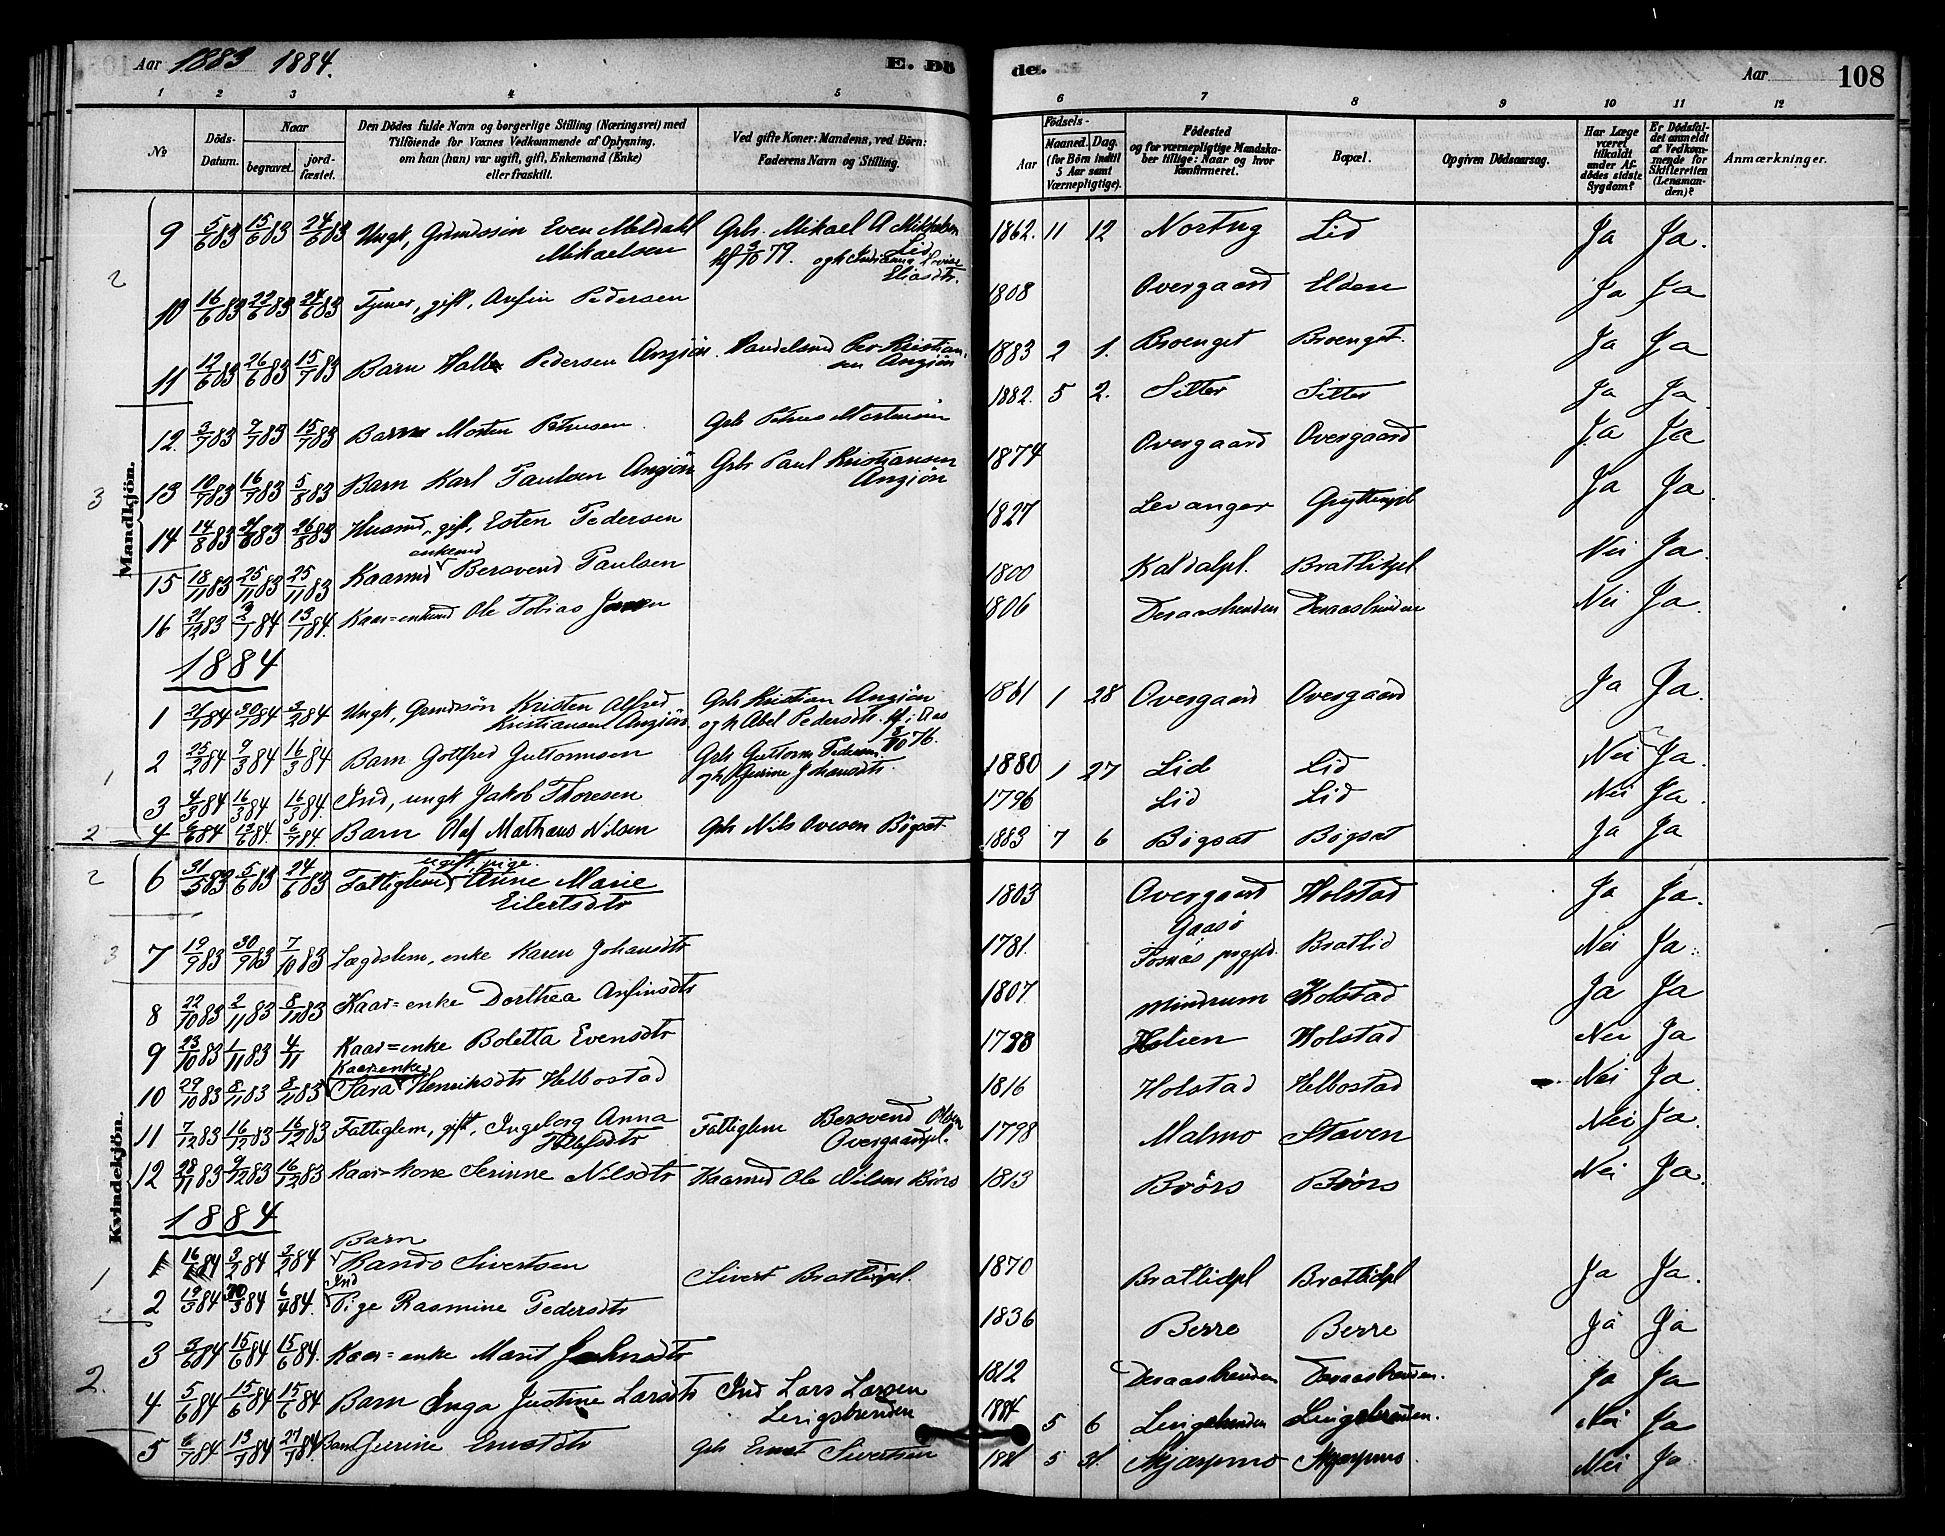 SAT, Ministerialprotokoller, klokkerbøker og fødselsregistre - Nord-Trøndelag, 742/L0408: Parish register (official) no. 742A01, 1878-1890, p. 108